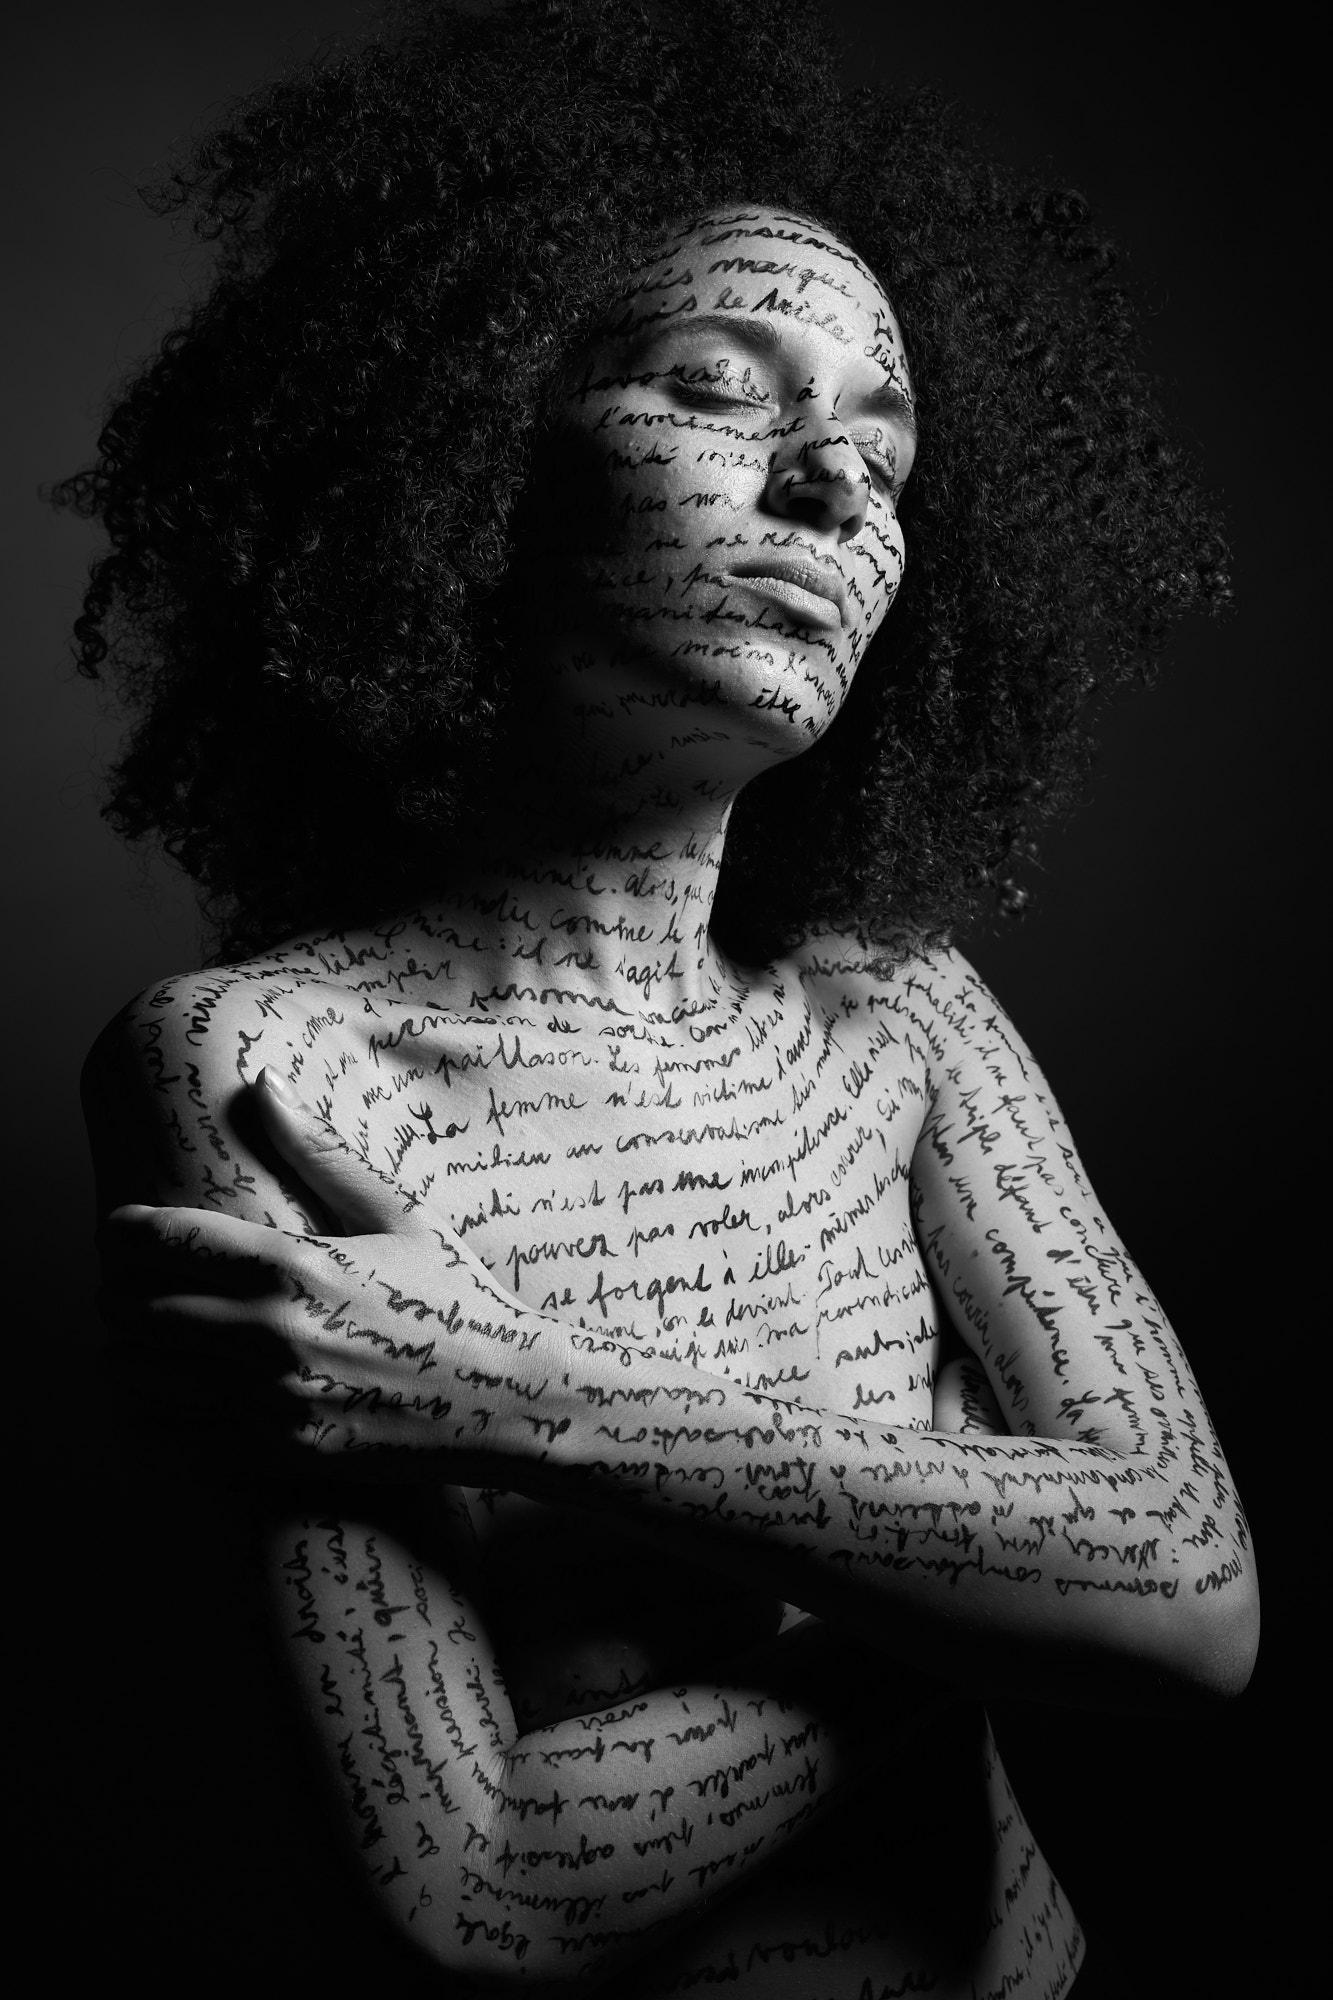 Une femme de trois quart, écriture sur le corps